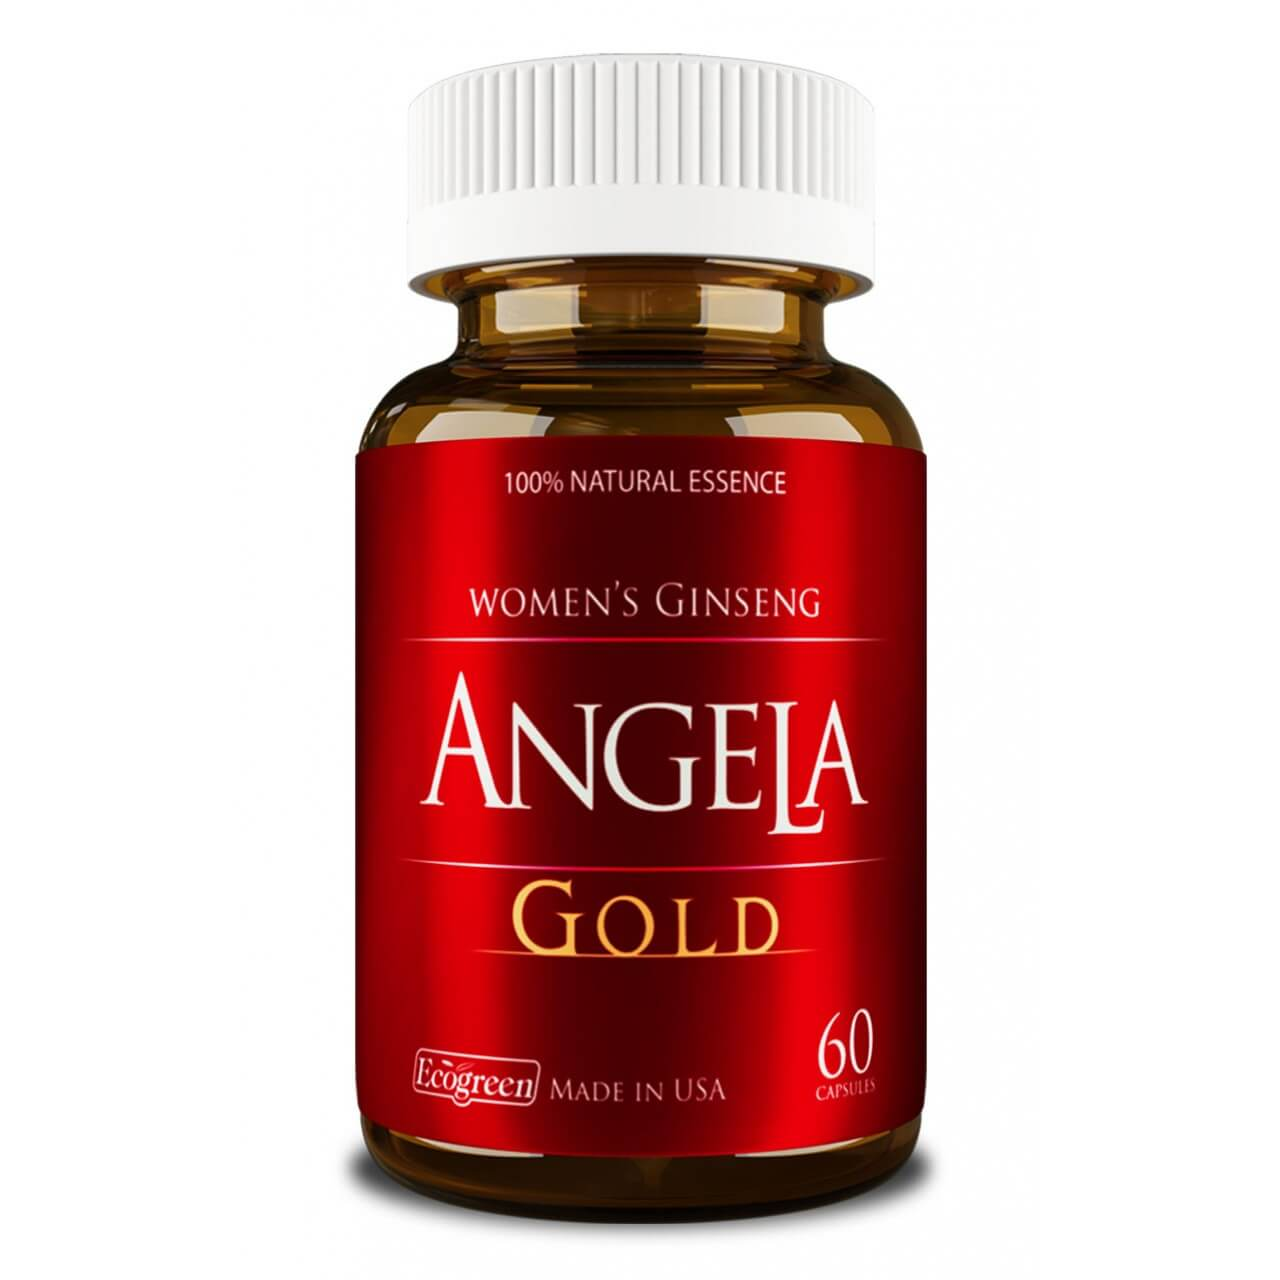 Giá, nơi mua Angela Gold cải thiện sức khỏe, sinh lý nữ, làm đẹp da